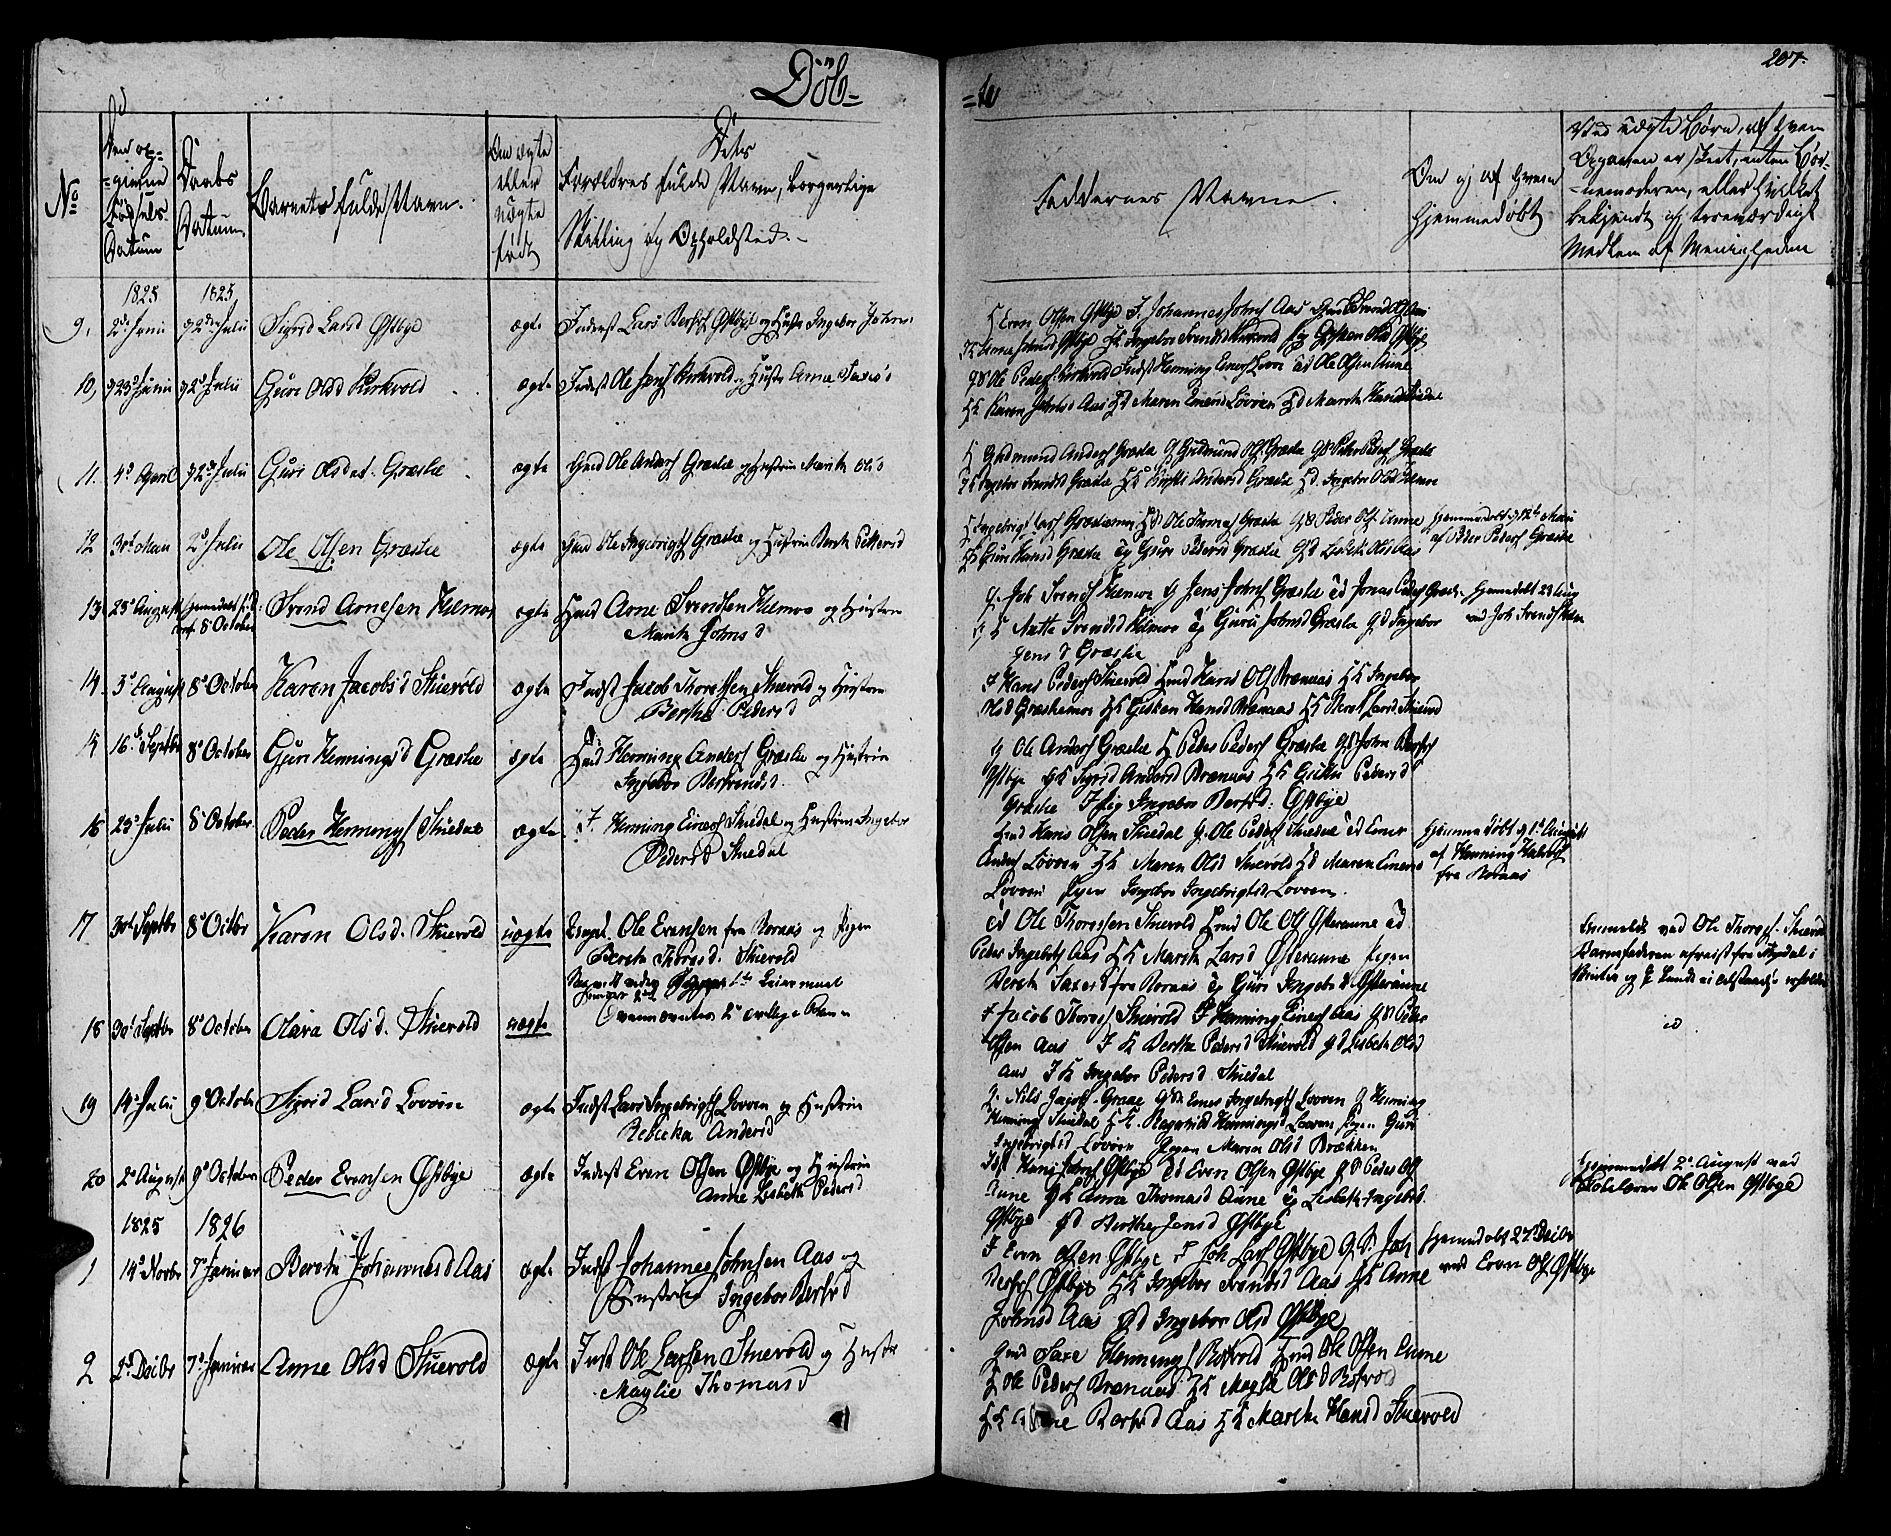 SAT, Ministerialprotokoller, klokkerbøker og fødselsregistre - Sør-Trøndelag, 695/L1144: Ministerialbok nr. 695A05 /2, 1824-1842, s. 207